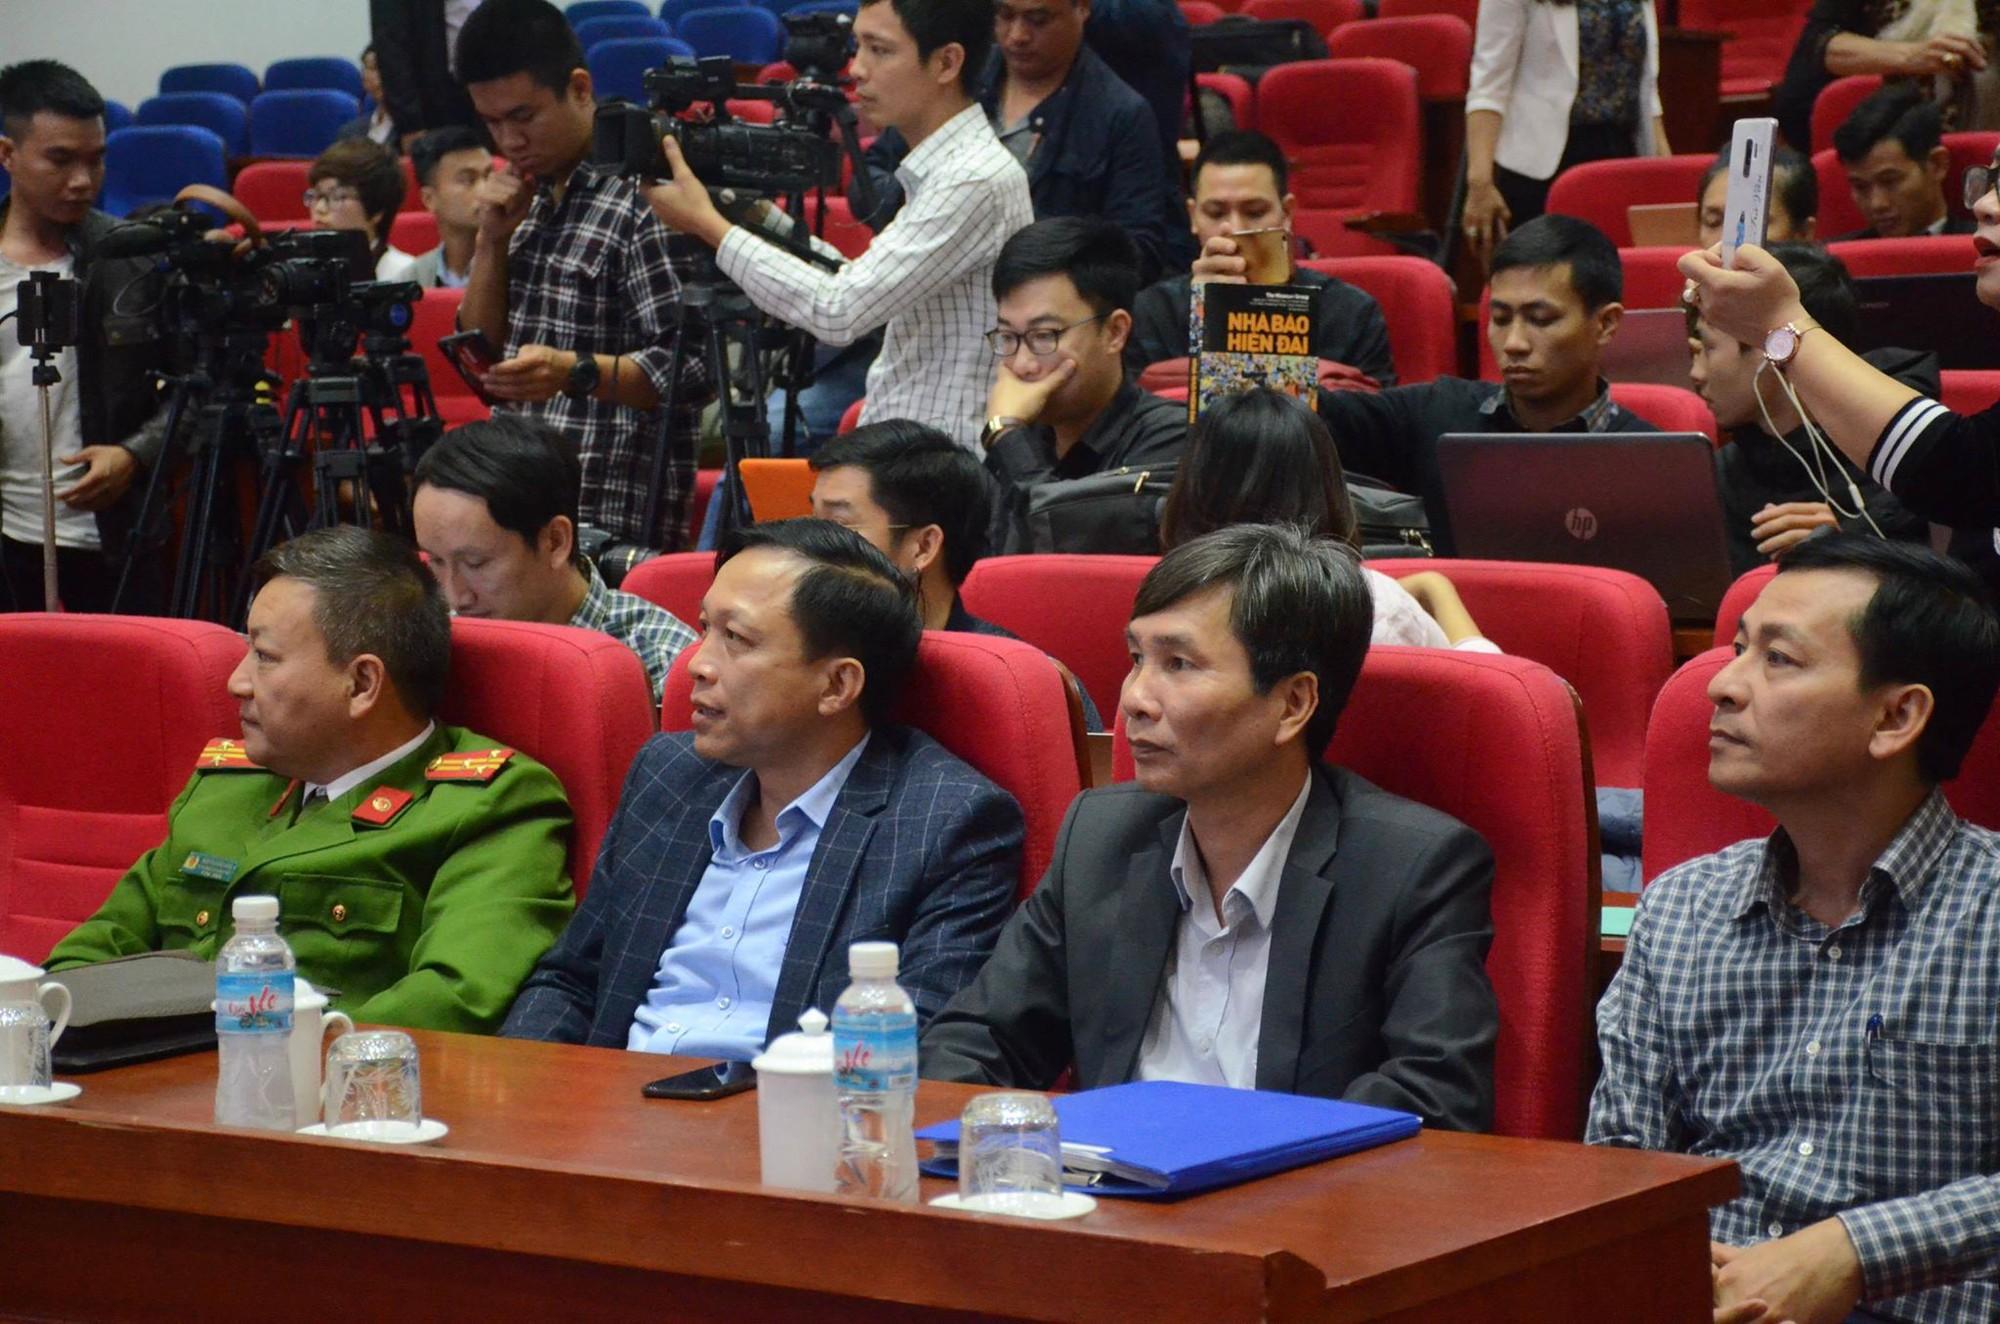 Phạt bà Phạm Thị Yến 5 triệu đồng, yêu cầu chùa Ba Vàng dừng ngay hoạt động thỉnh oan gia trái chủ - Ảnh 3.